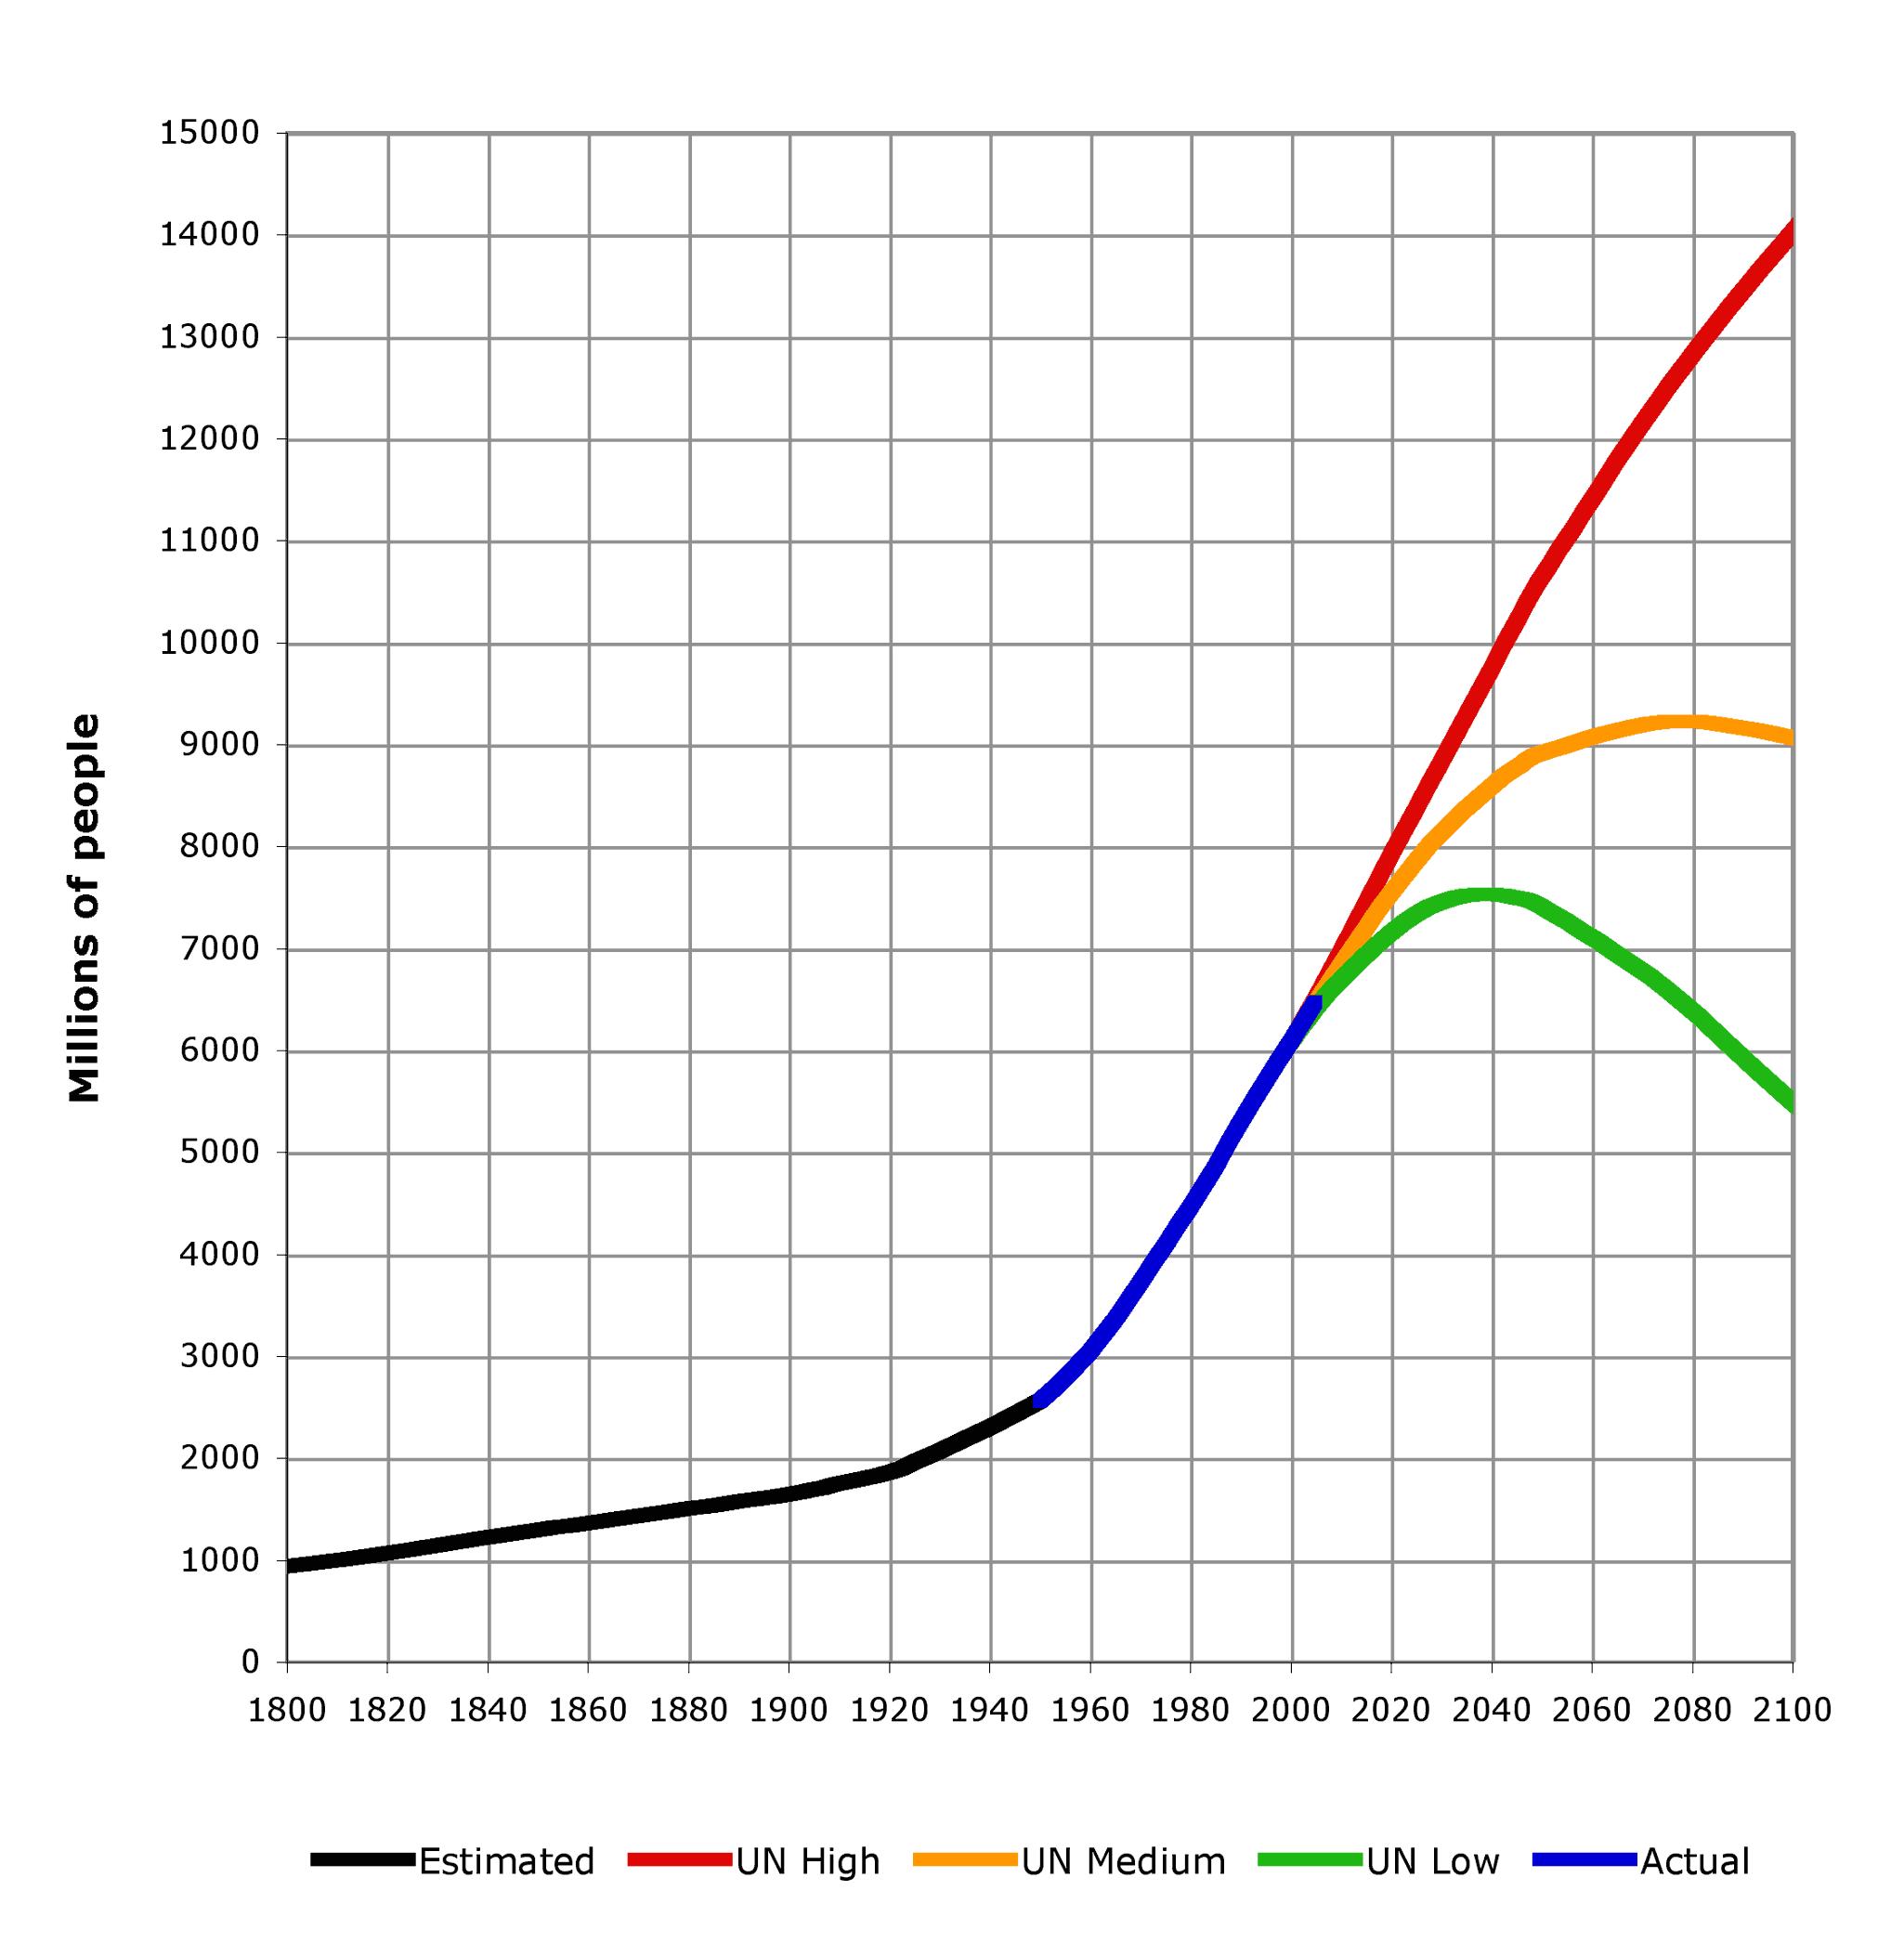 UN 2004 projections